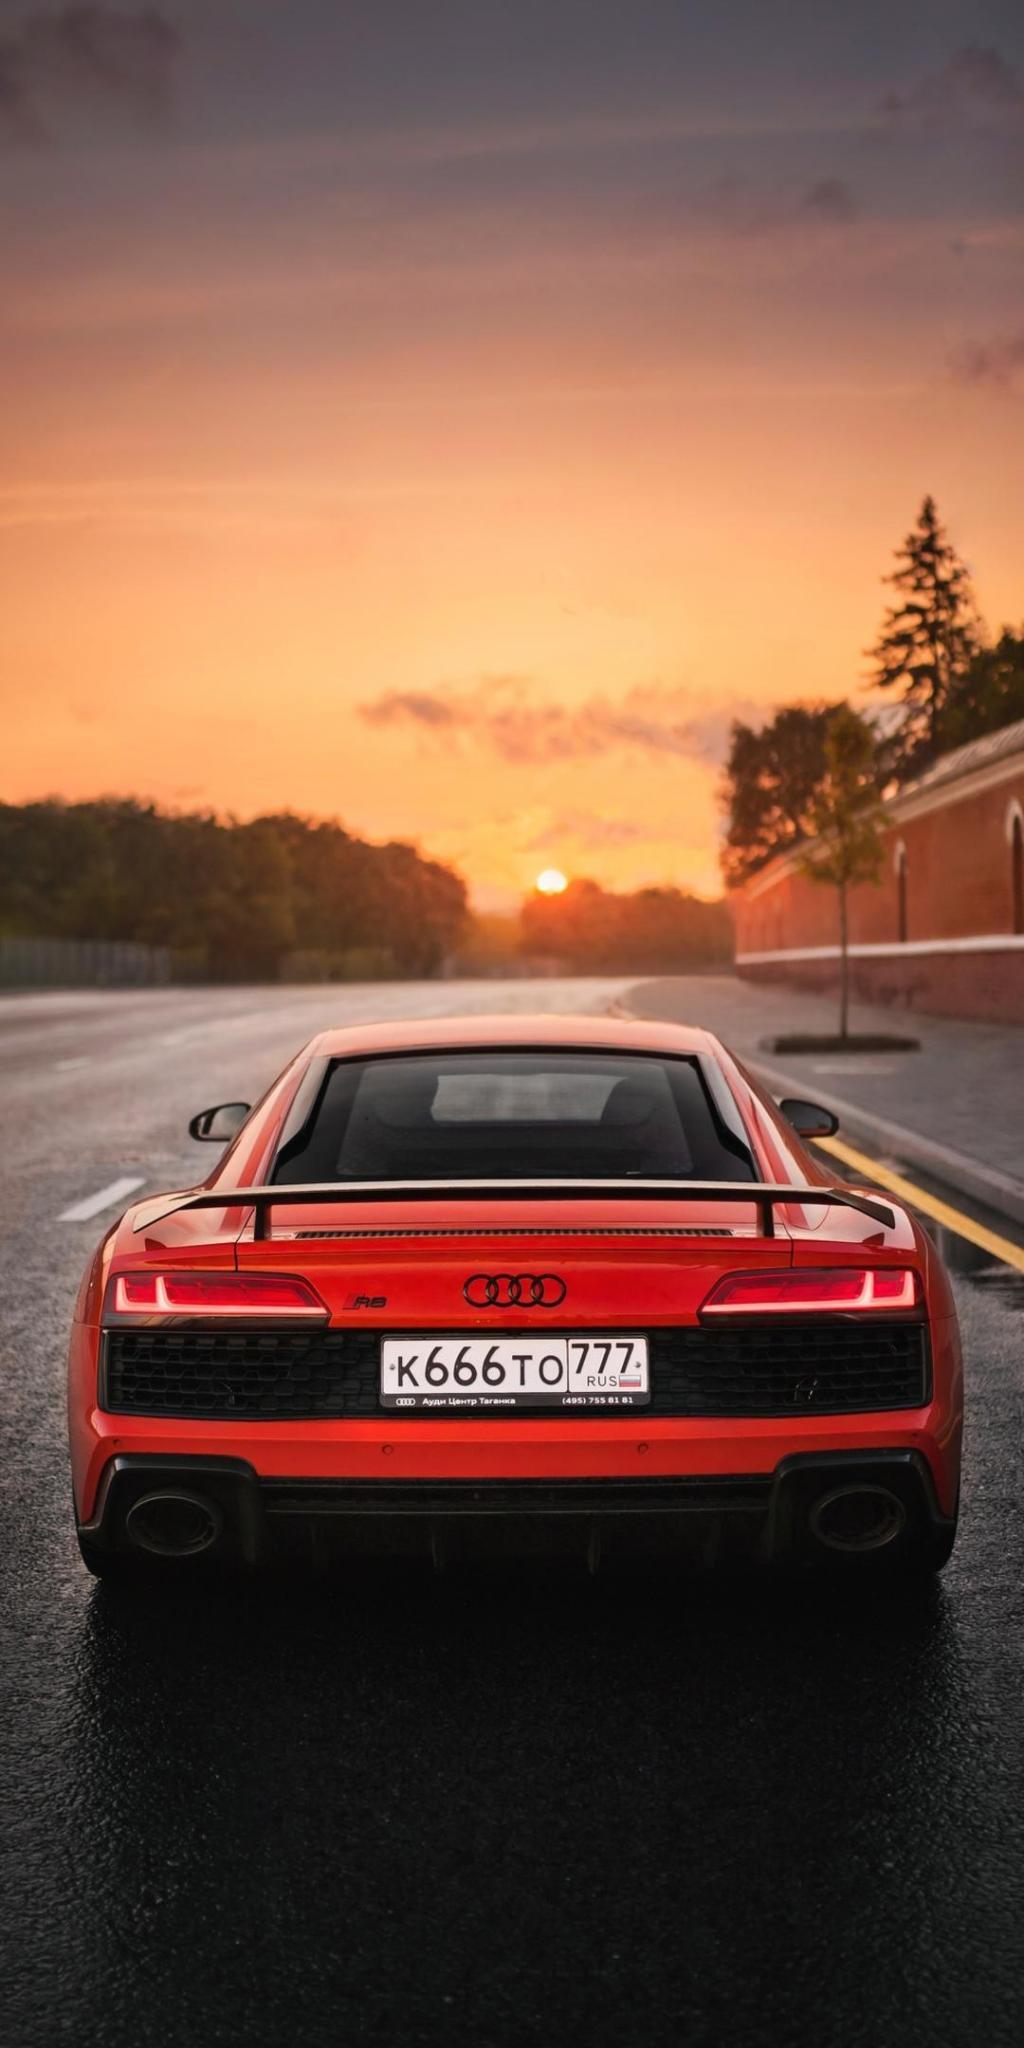 アウディは車のlec画面ro日没のiphoneの壁紙 ロック画面の画像 Hdの携帯電話の壁紙 車で走ります 壁紙